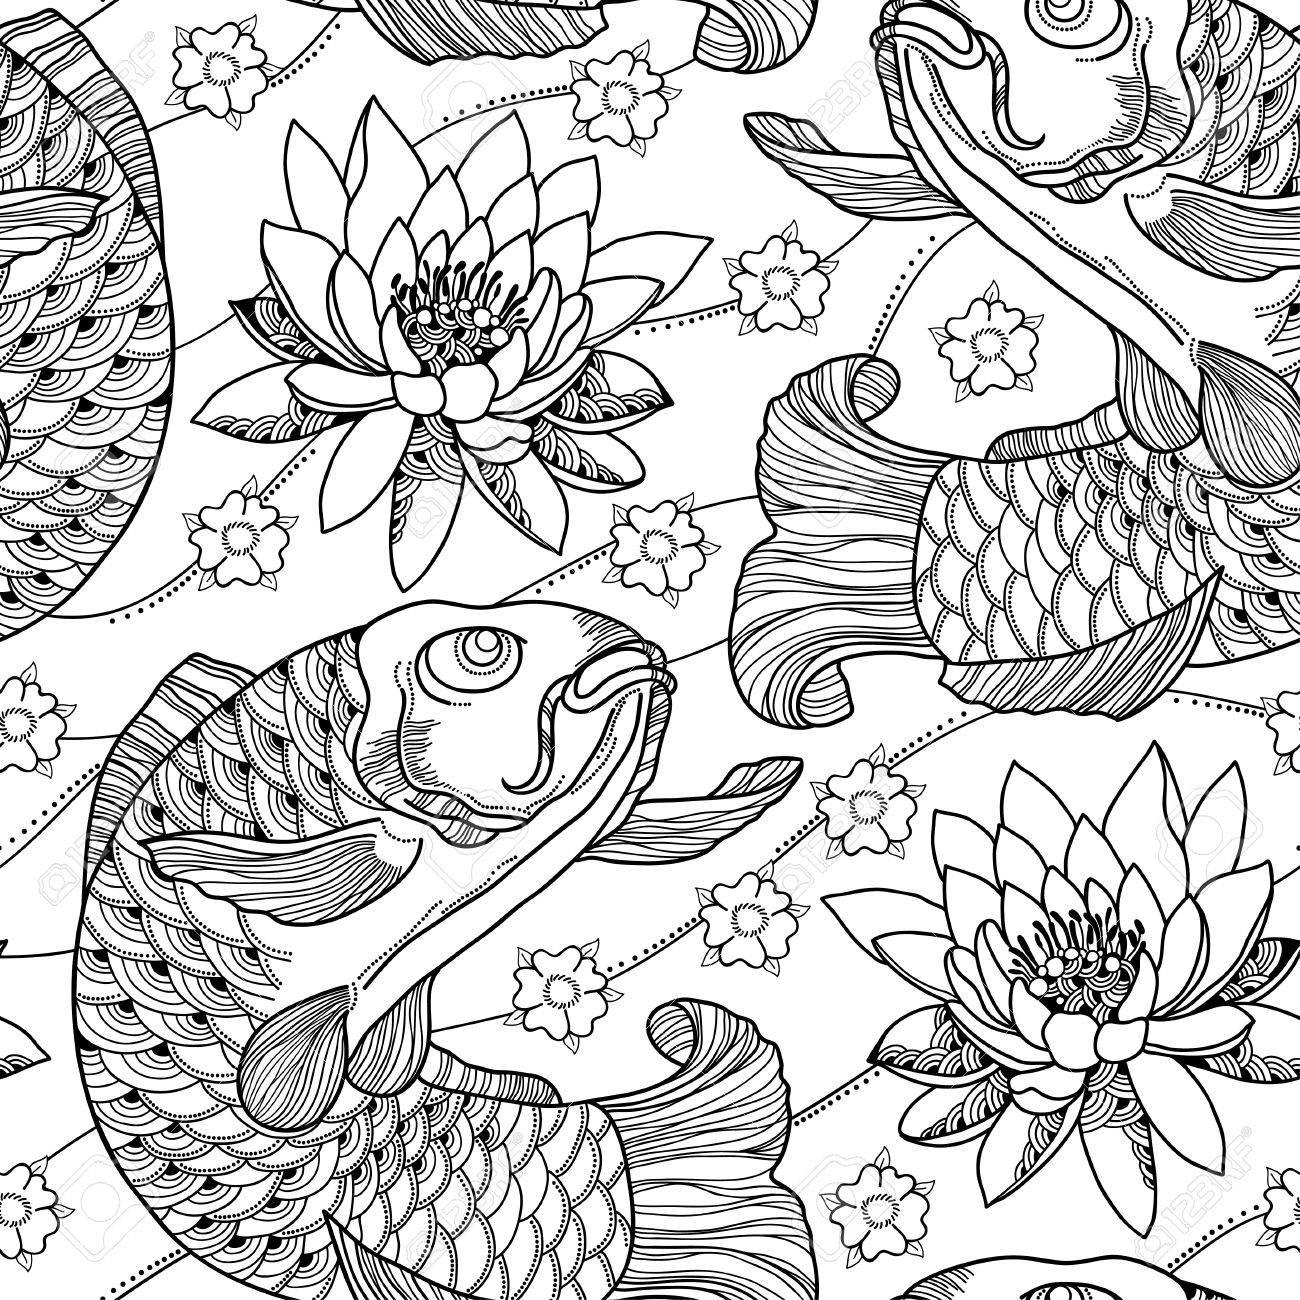 Coloriage Fleur De Nenuphar.Seamless Contour Carpe Koi Et Lotus Ou Nenuphar En Noir Sur Fond Blanc Poissons Orne Japonais Et De Fleurs Dans Le Style De Contour Pour Livre De